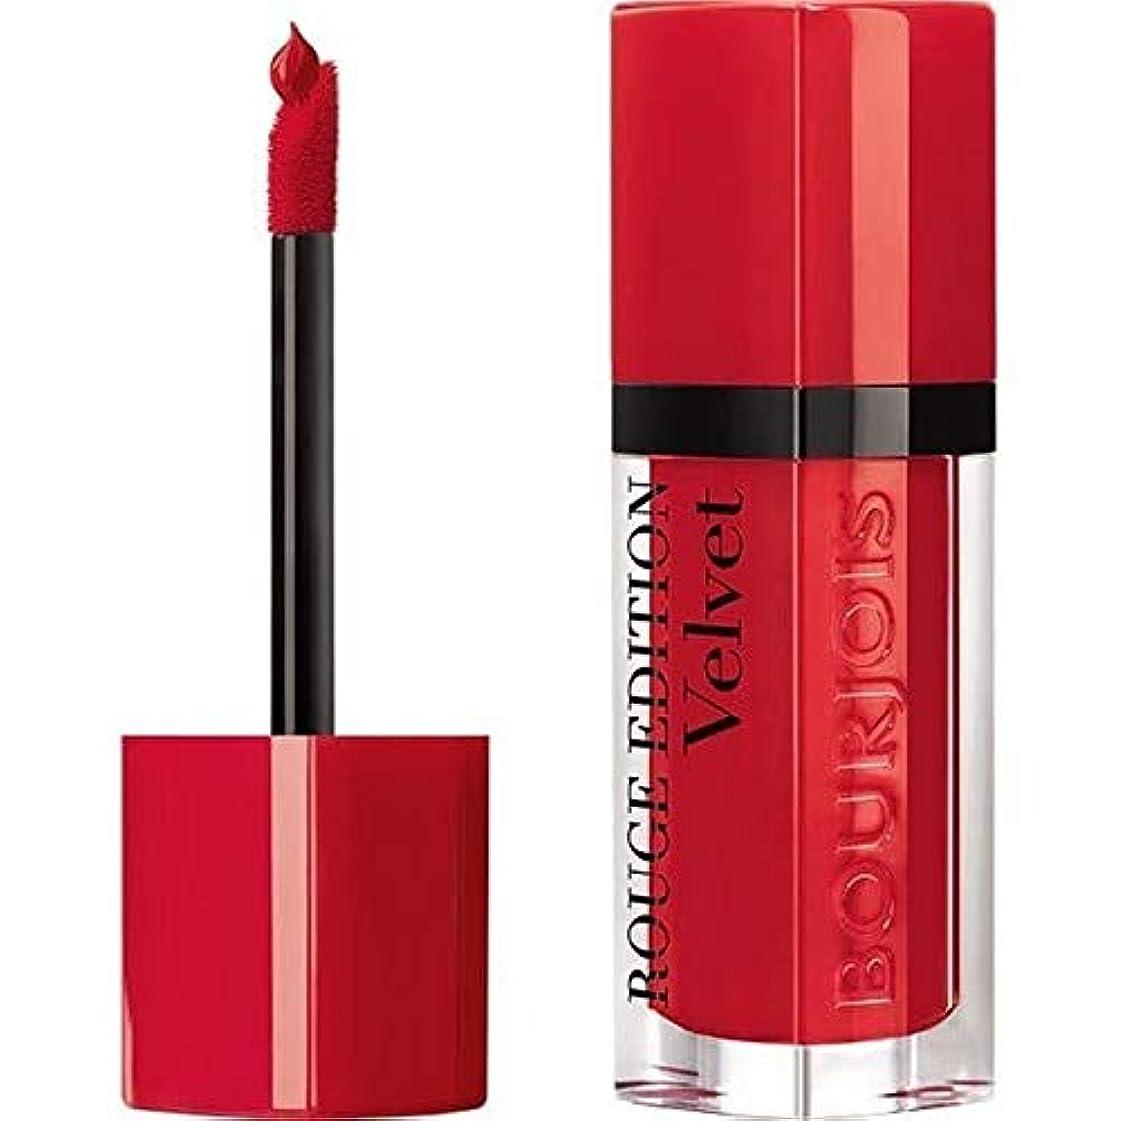 覗くルーフアリ[Bourjois ] ブルジョワルージュ版のベルベットの口紅唐辛子3 - Bourjois Rouge Edition Velvet lipstick Hot Pepper 3 [並行輸入品]